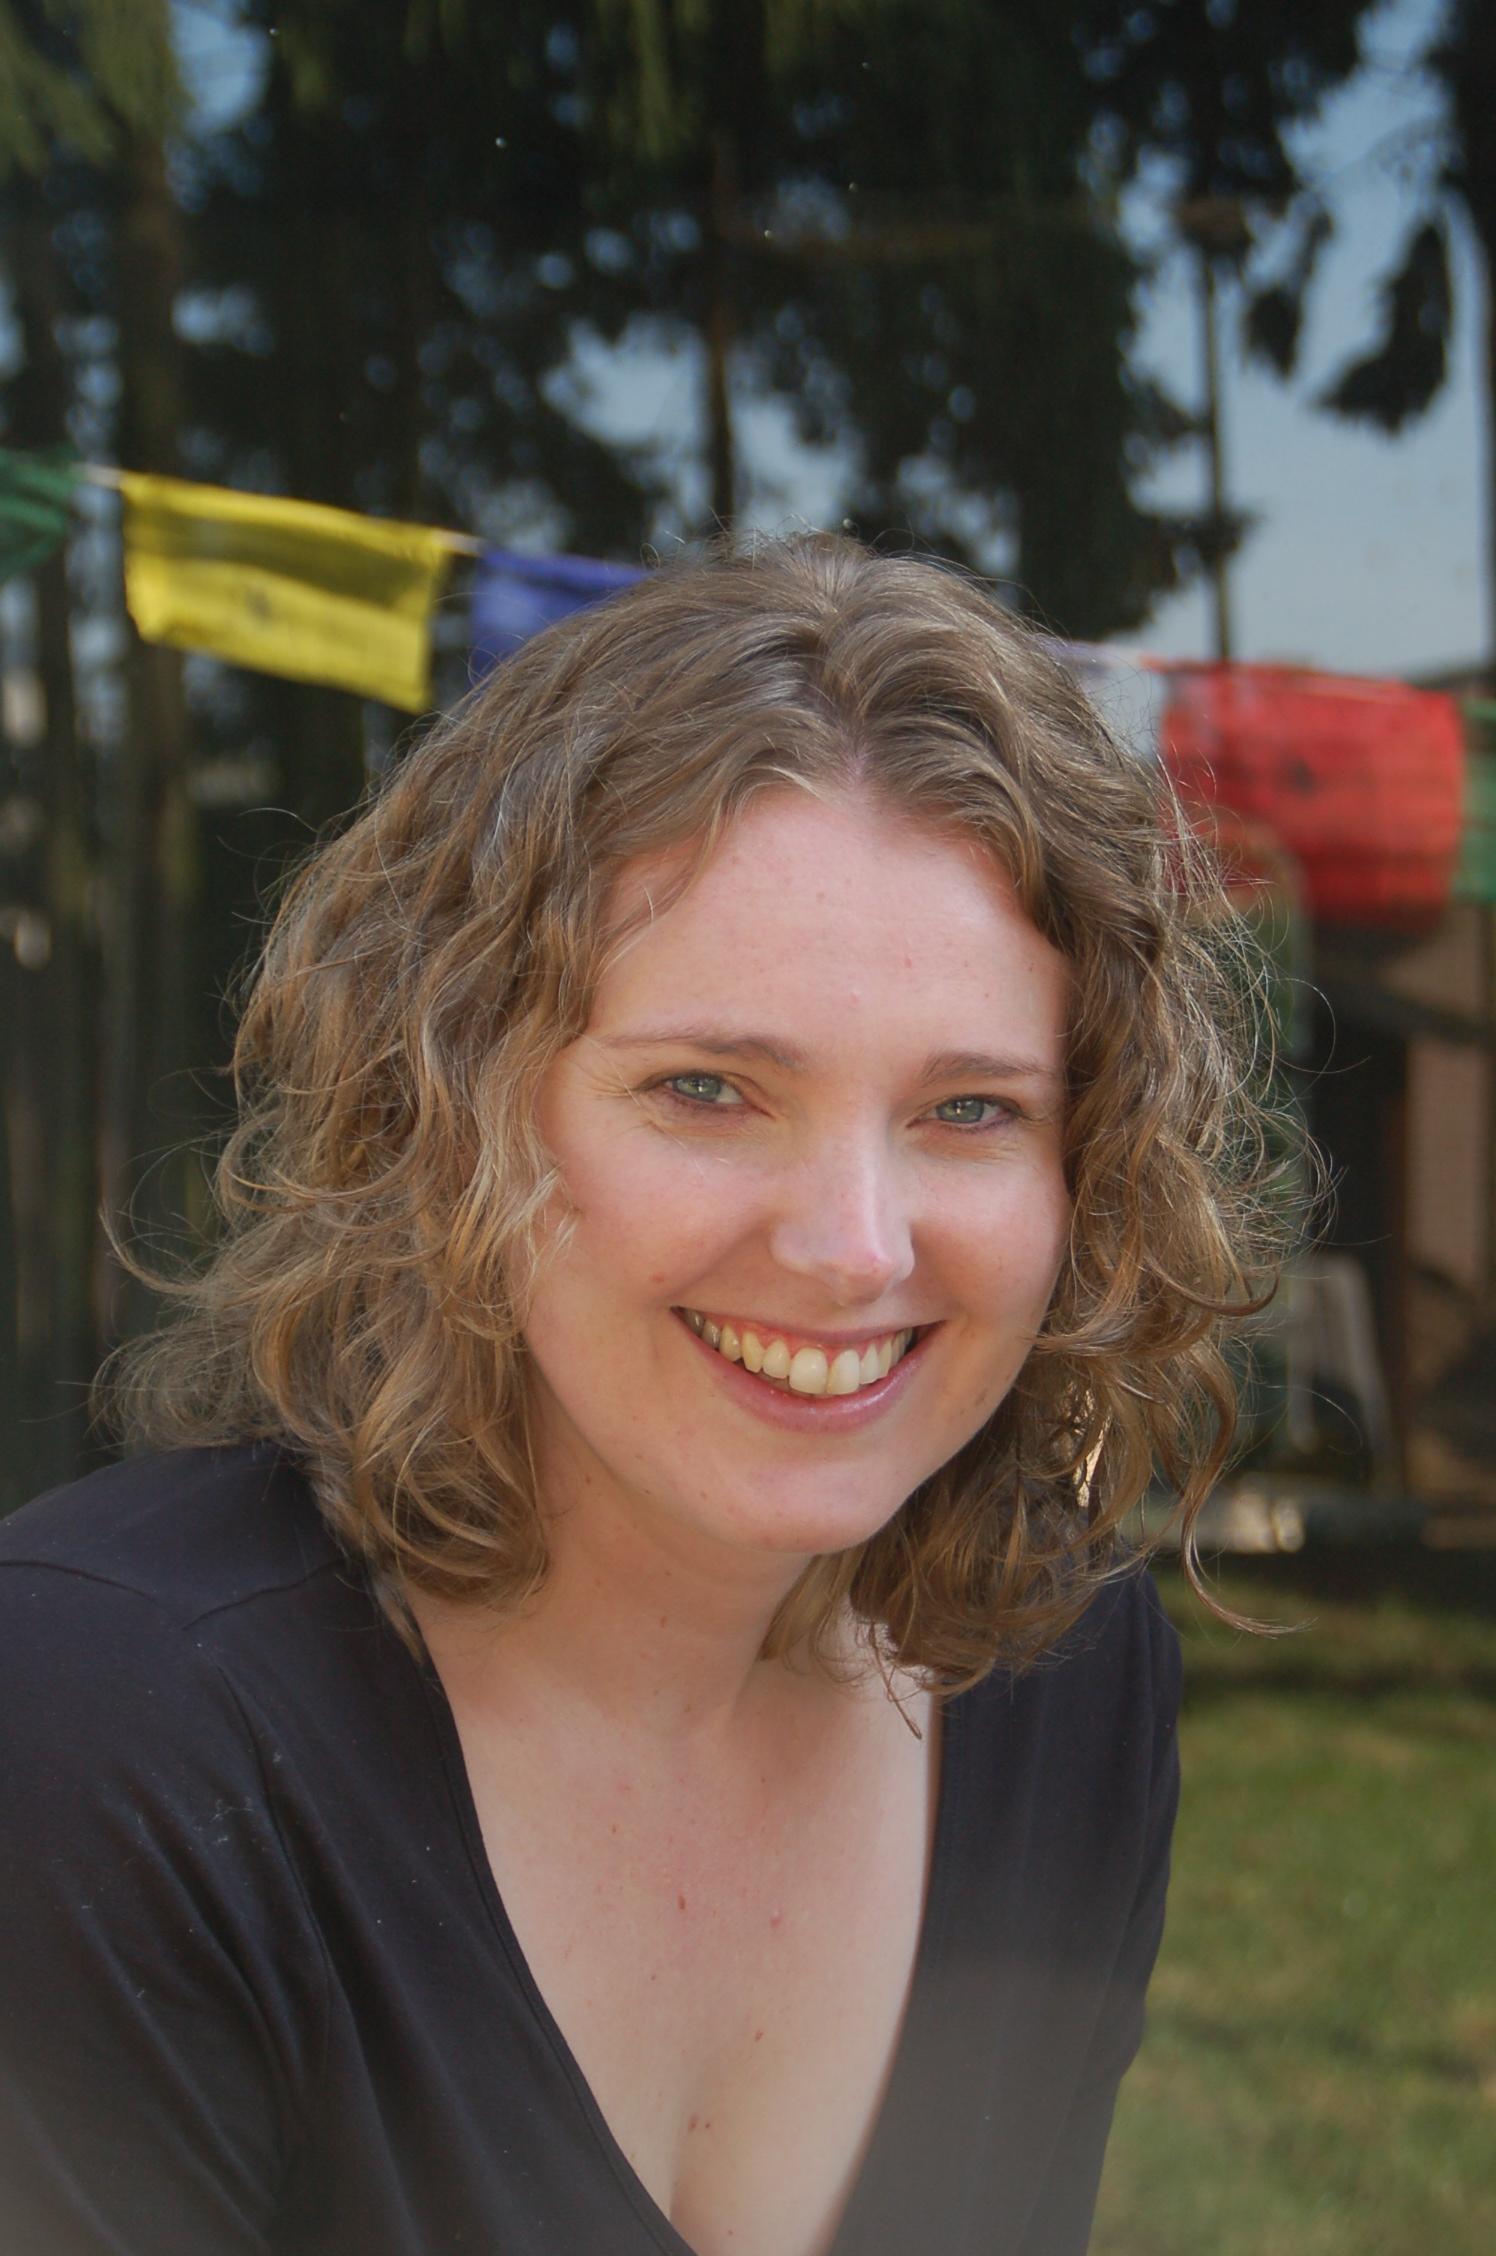 Chantal Collins - Bilder, News, Infos aus dem Web